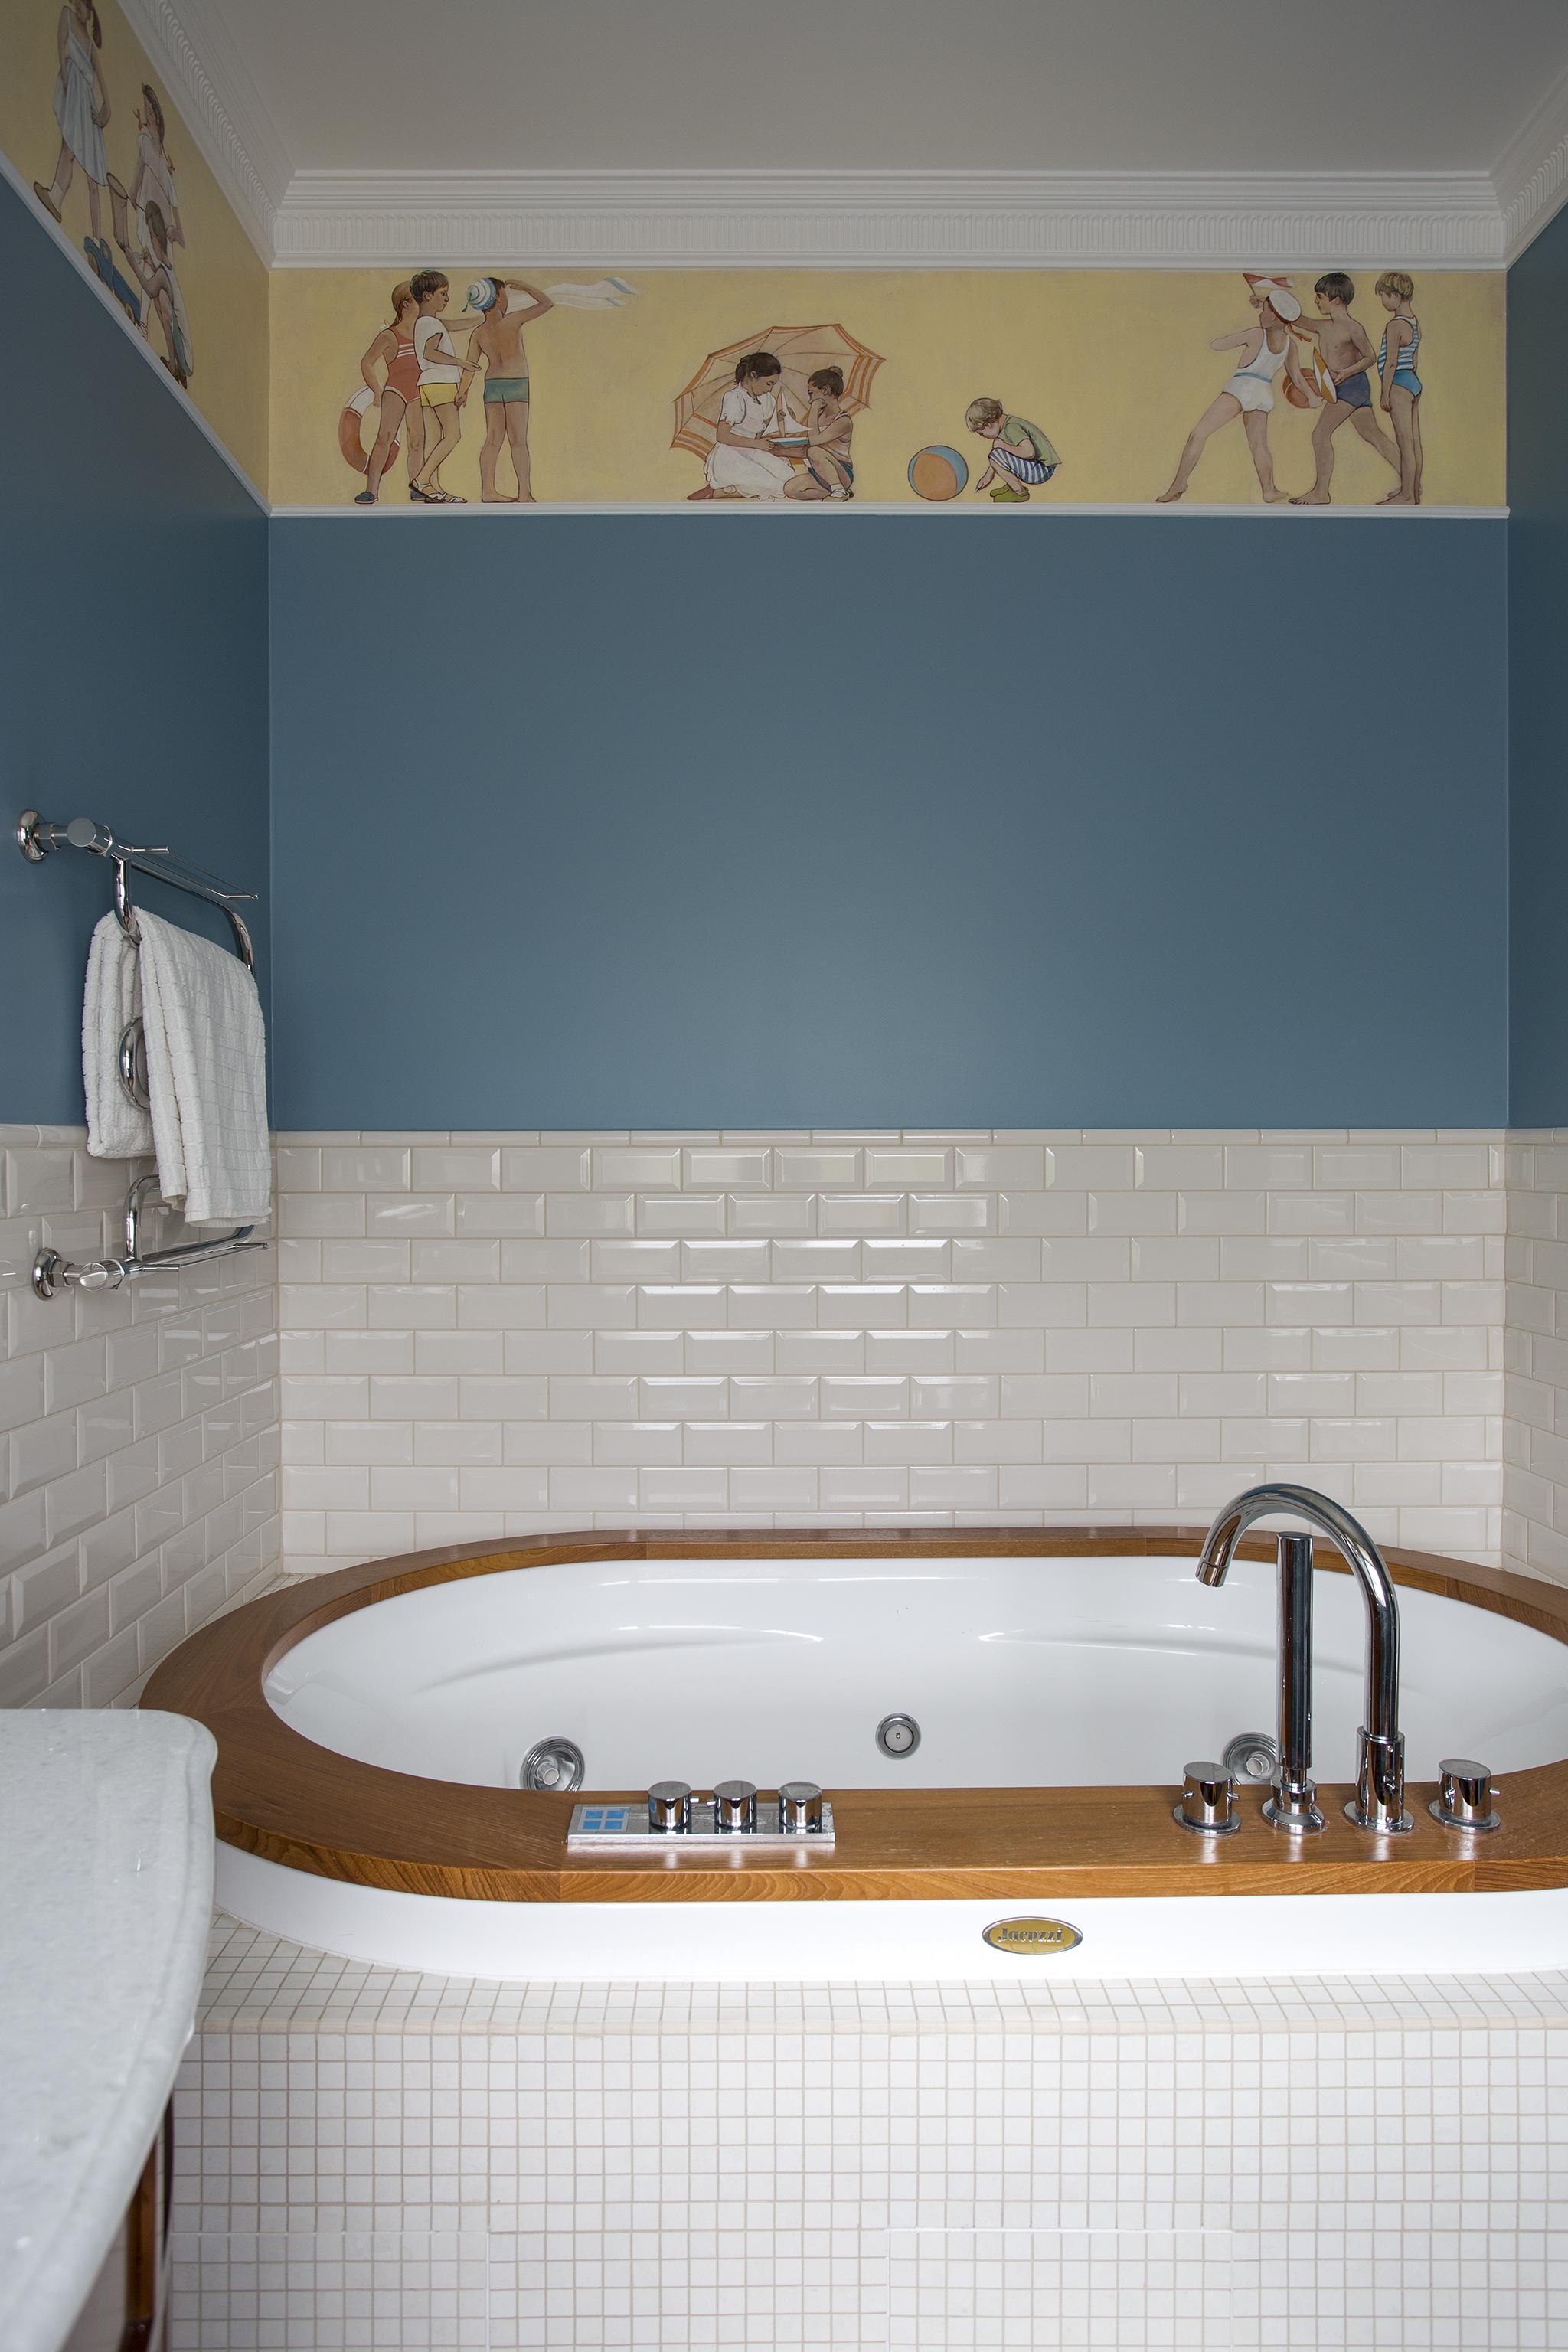 Фриз- роспись в ванной